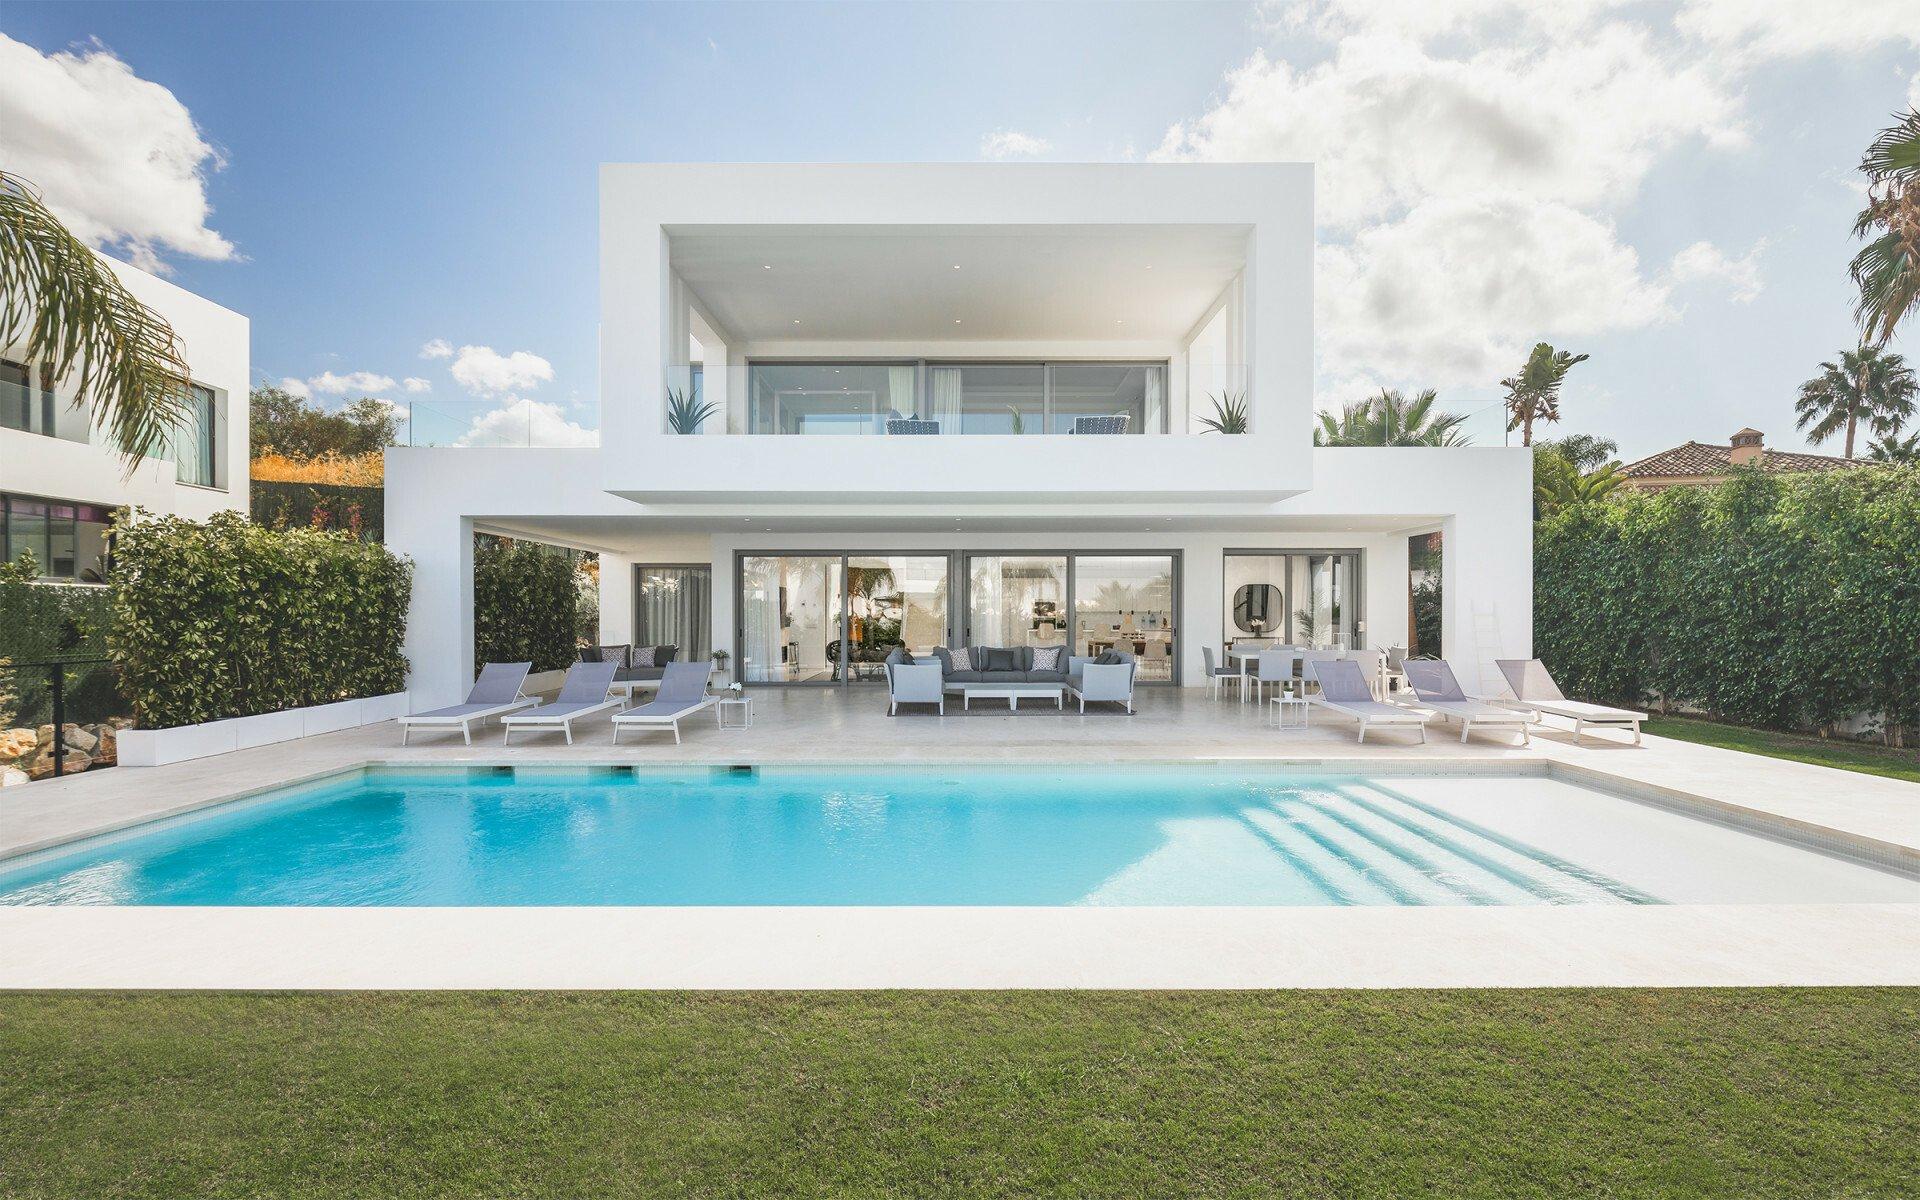 Villa in Marbella, Andalusia, Spain 1 - 11394625